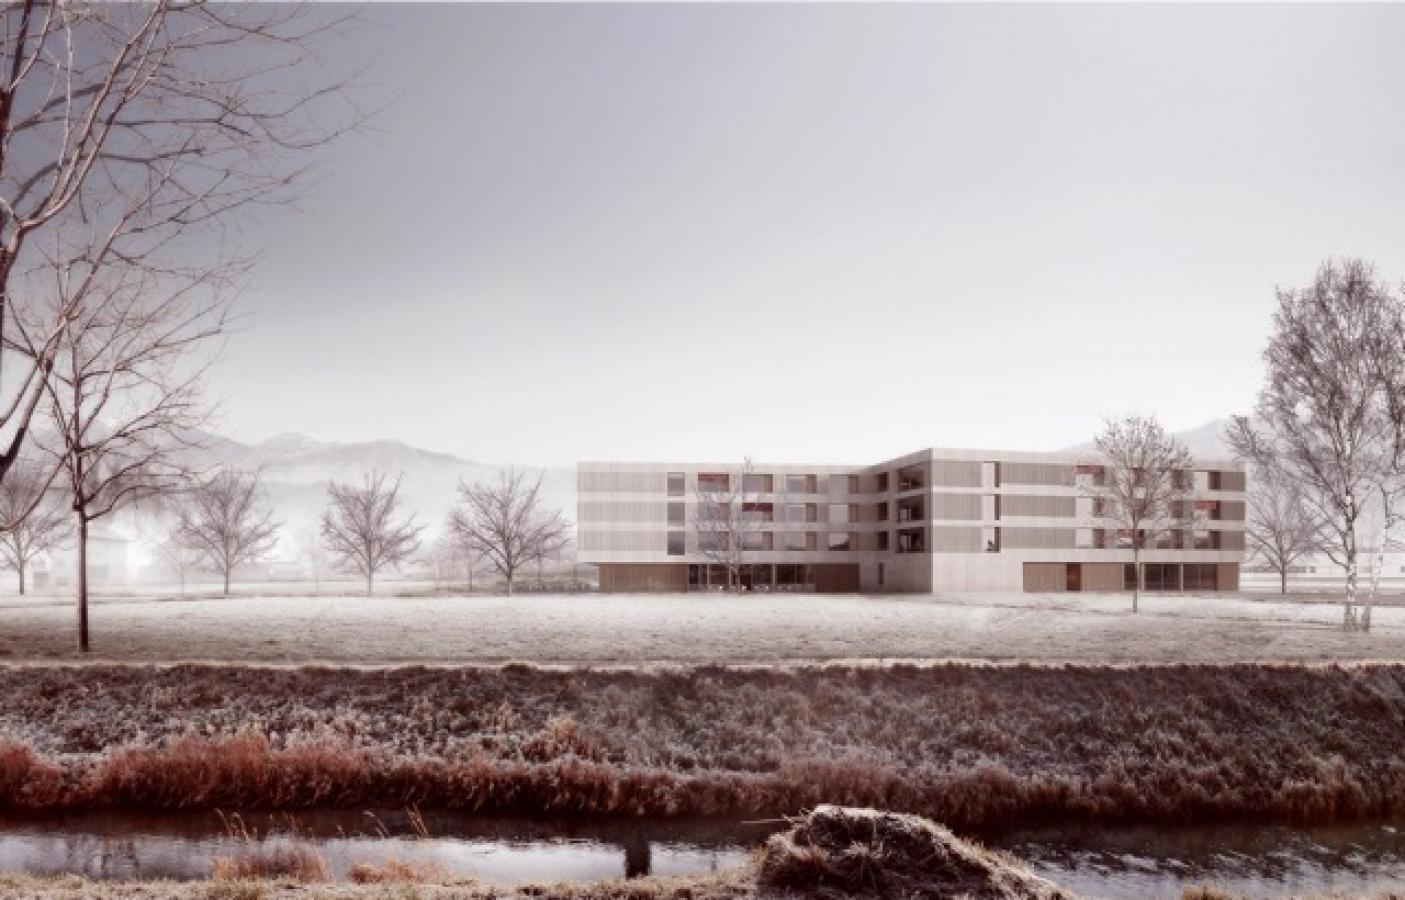 Siegerprojekt Klee von kit architects (Visualisierung: Projektverfassende)